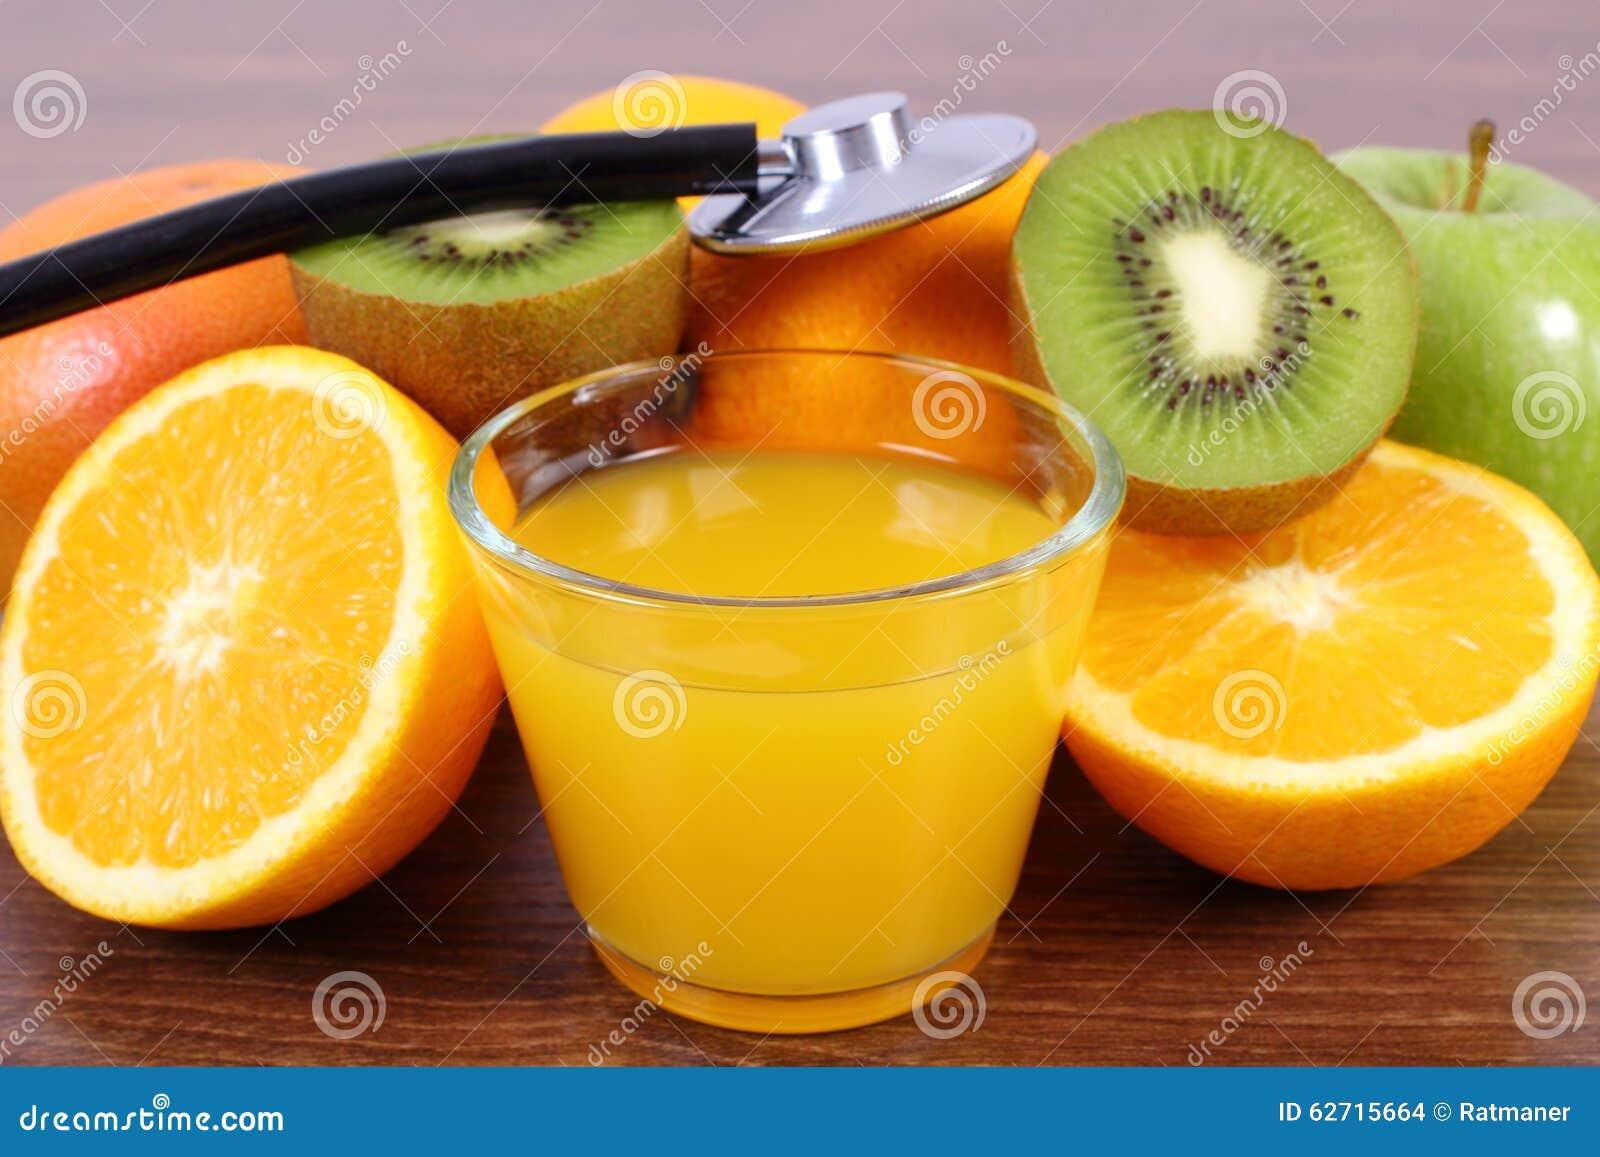 Στηθοσκόπιο, νωπός καρποί και χυμός, υγιείς τρόποι ζωής και διατροφή